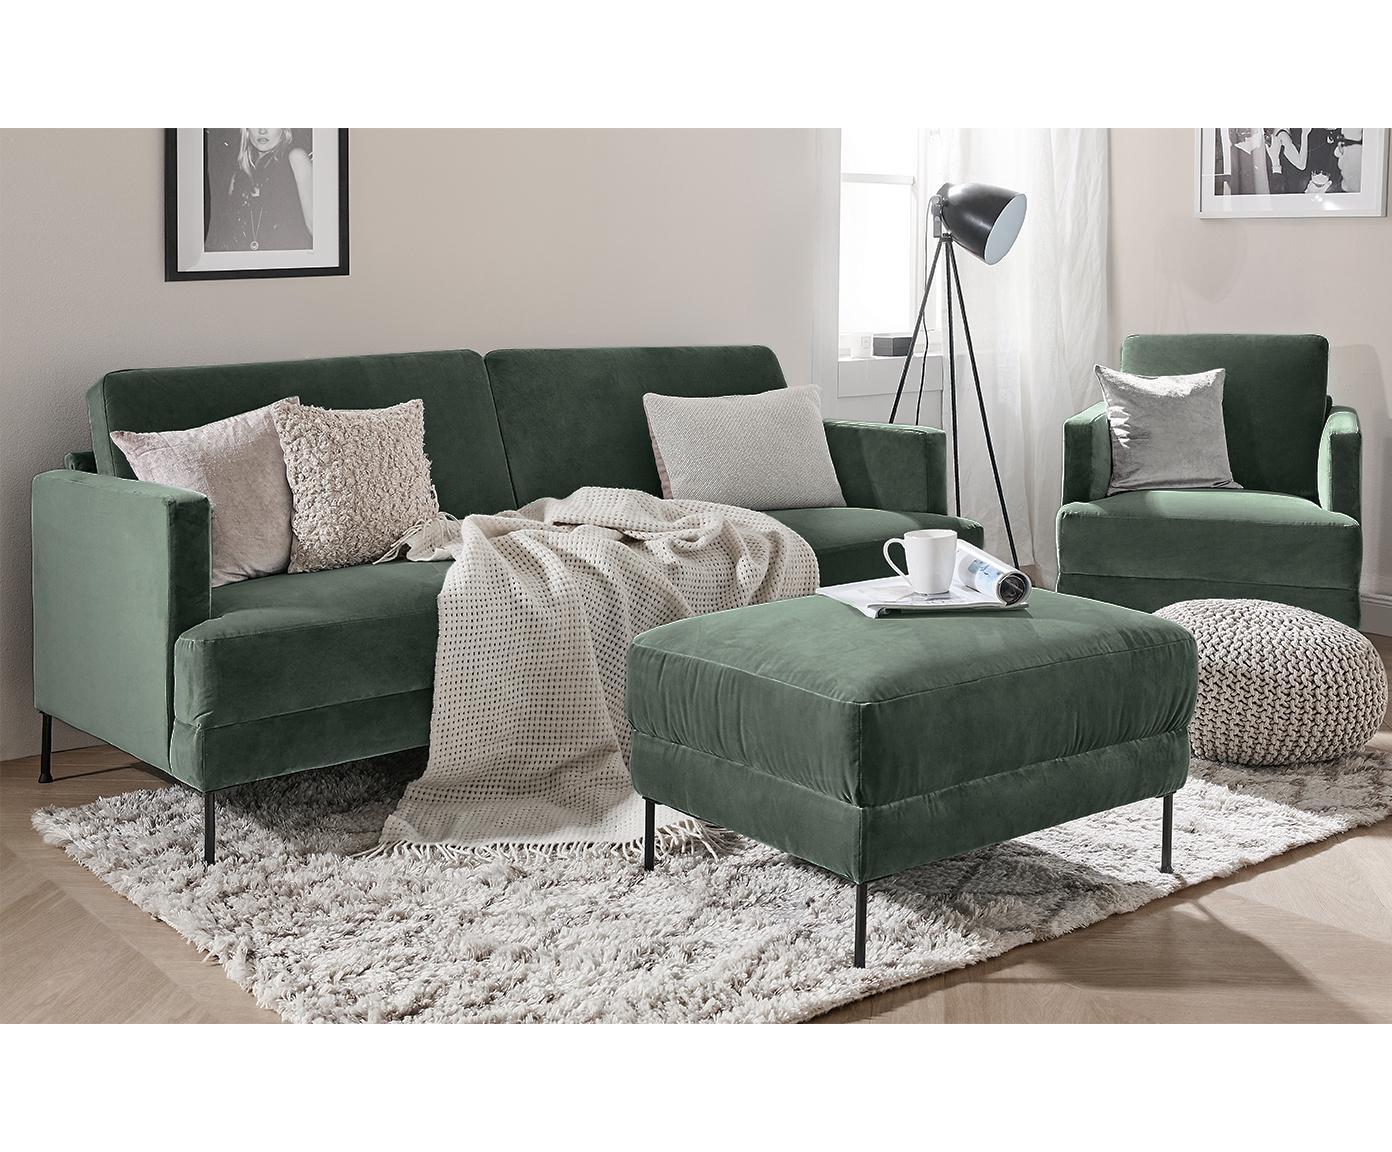 Fotel z aksamitu Fluente, Tapicerka: aksamit (wysokiej jakości, Stelaż: lite drewno sosnowe, Nogi: metal lakierowany, Zielony aksamit, S 76 x G 83 cm